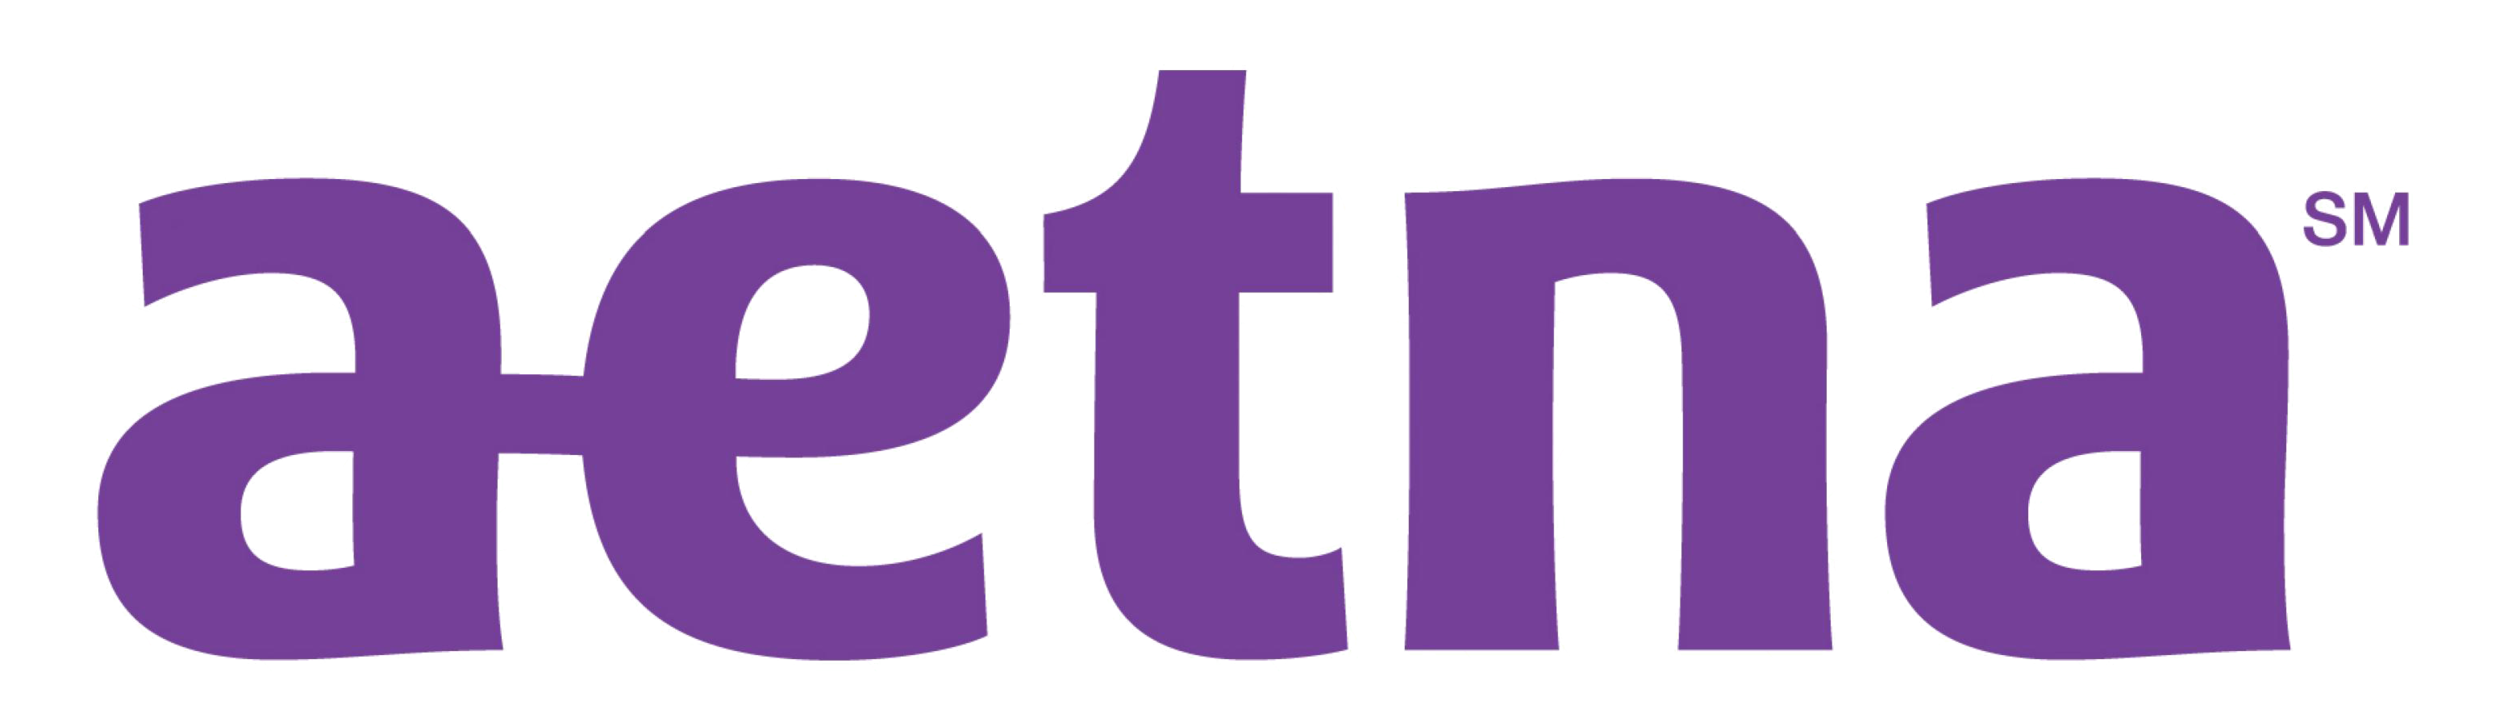 PNGPIX-COM-Aetna-Logo-PNG-Transparent-2.png